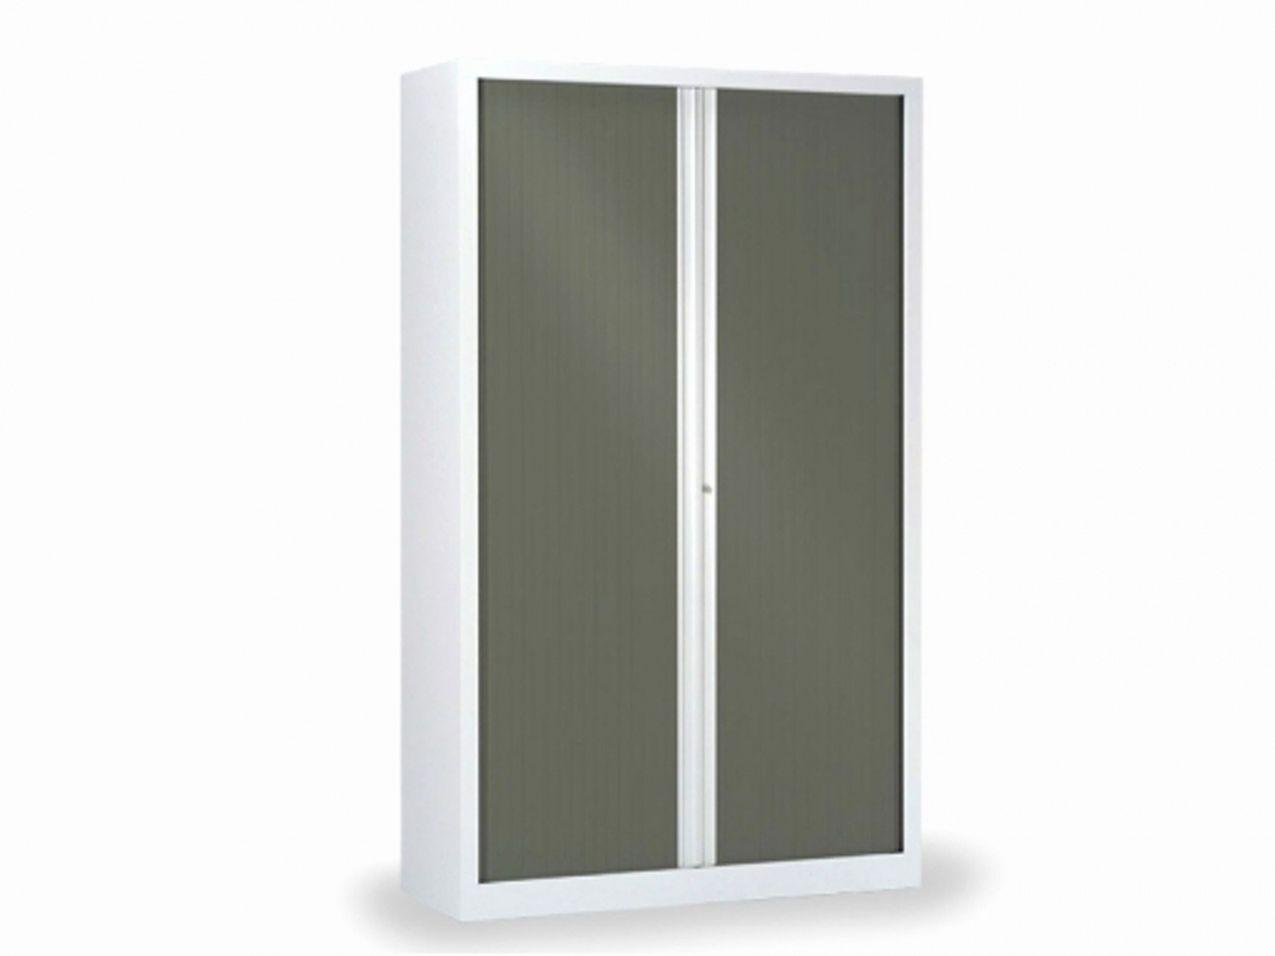 99 Armoire Vestiaire Metallique Occasion 2020 Vestiaire Metallique Armoire Vestiaire Armoire Metallique Ikea